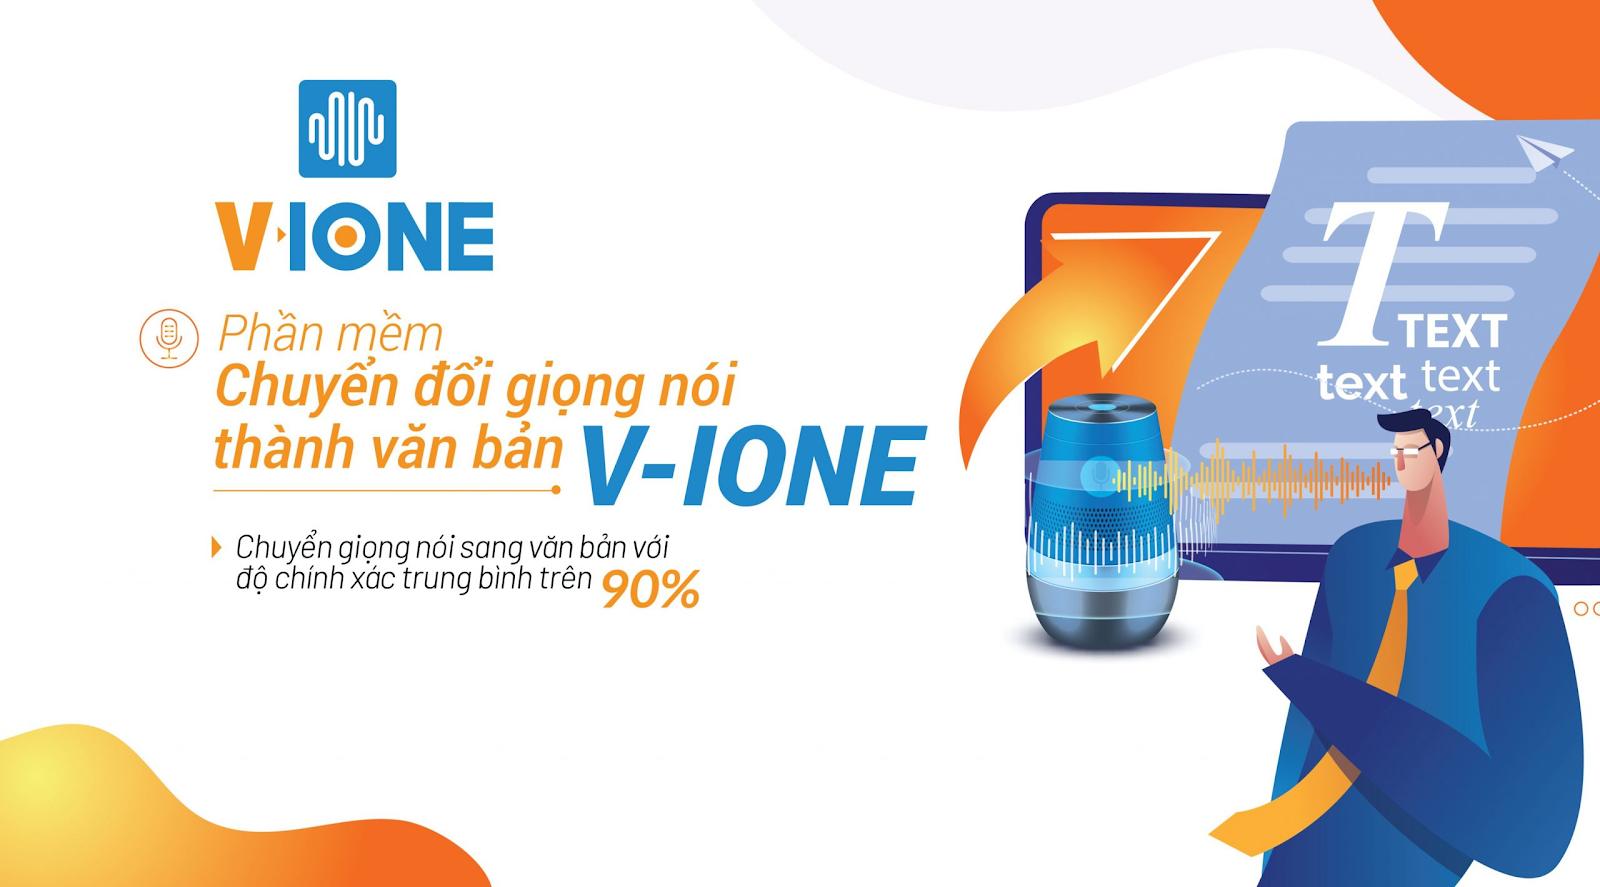 Phần mềm chuyển giọng nói sang văn bản V-IONE sở hữu nhiều tính năng ưu việt